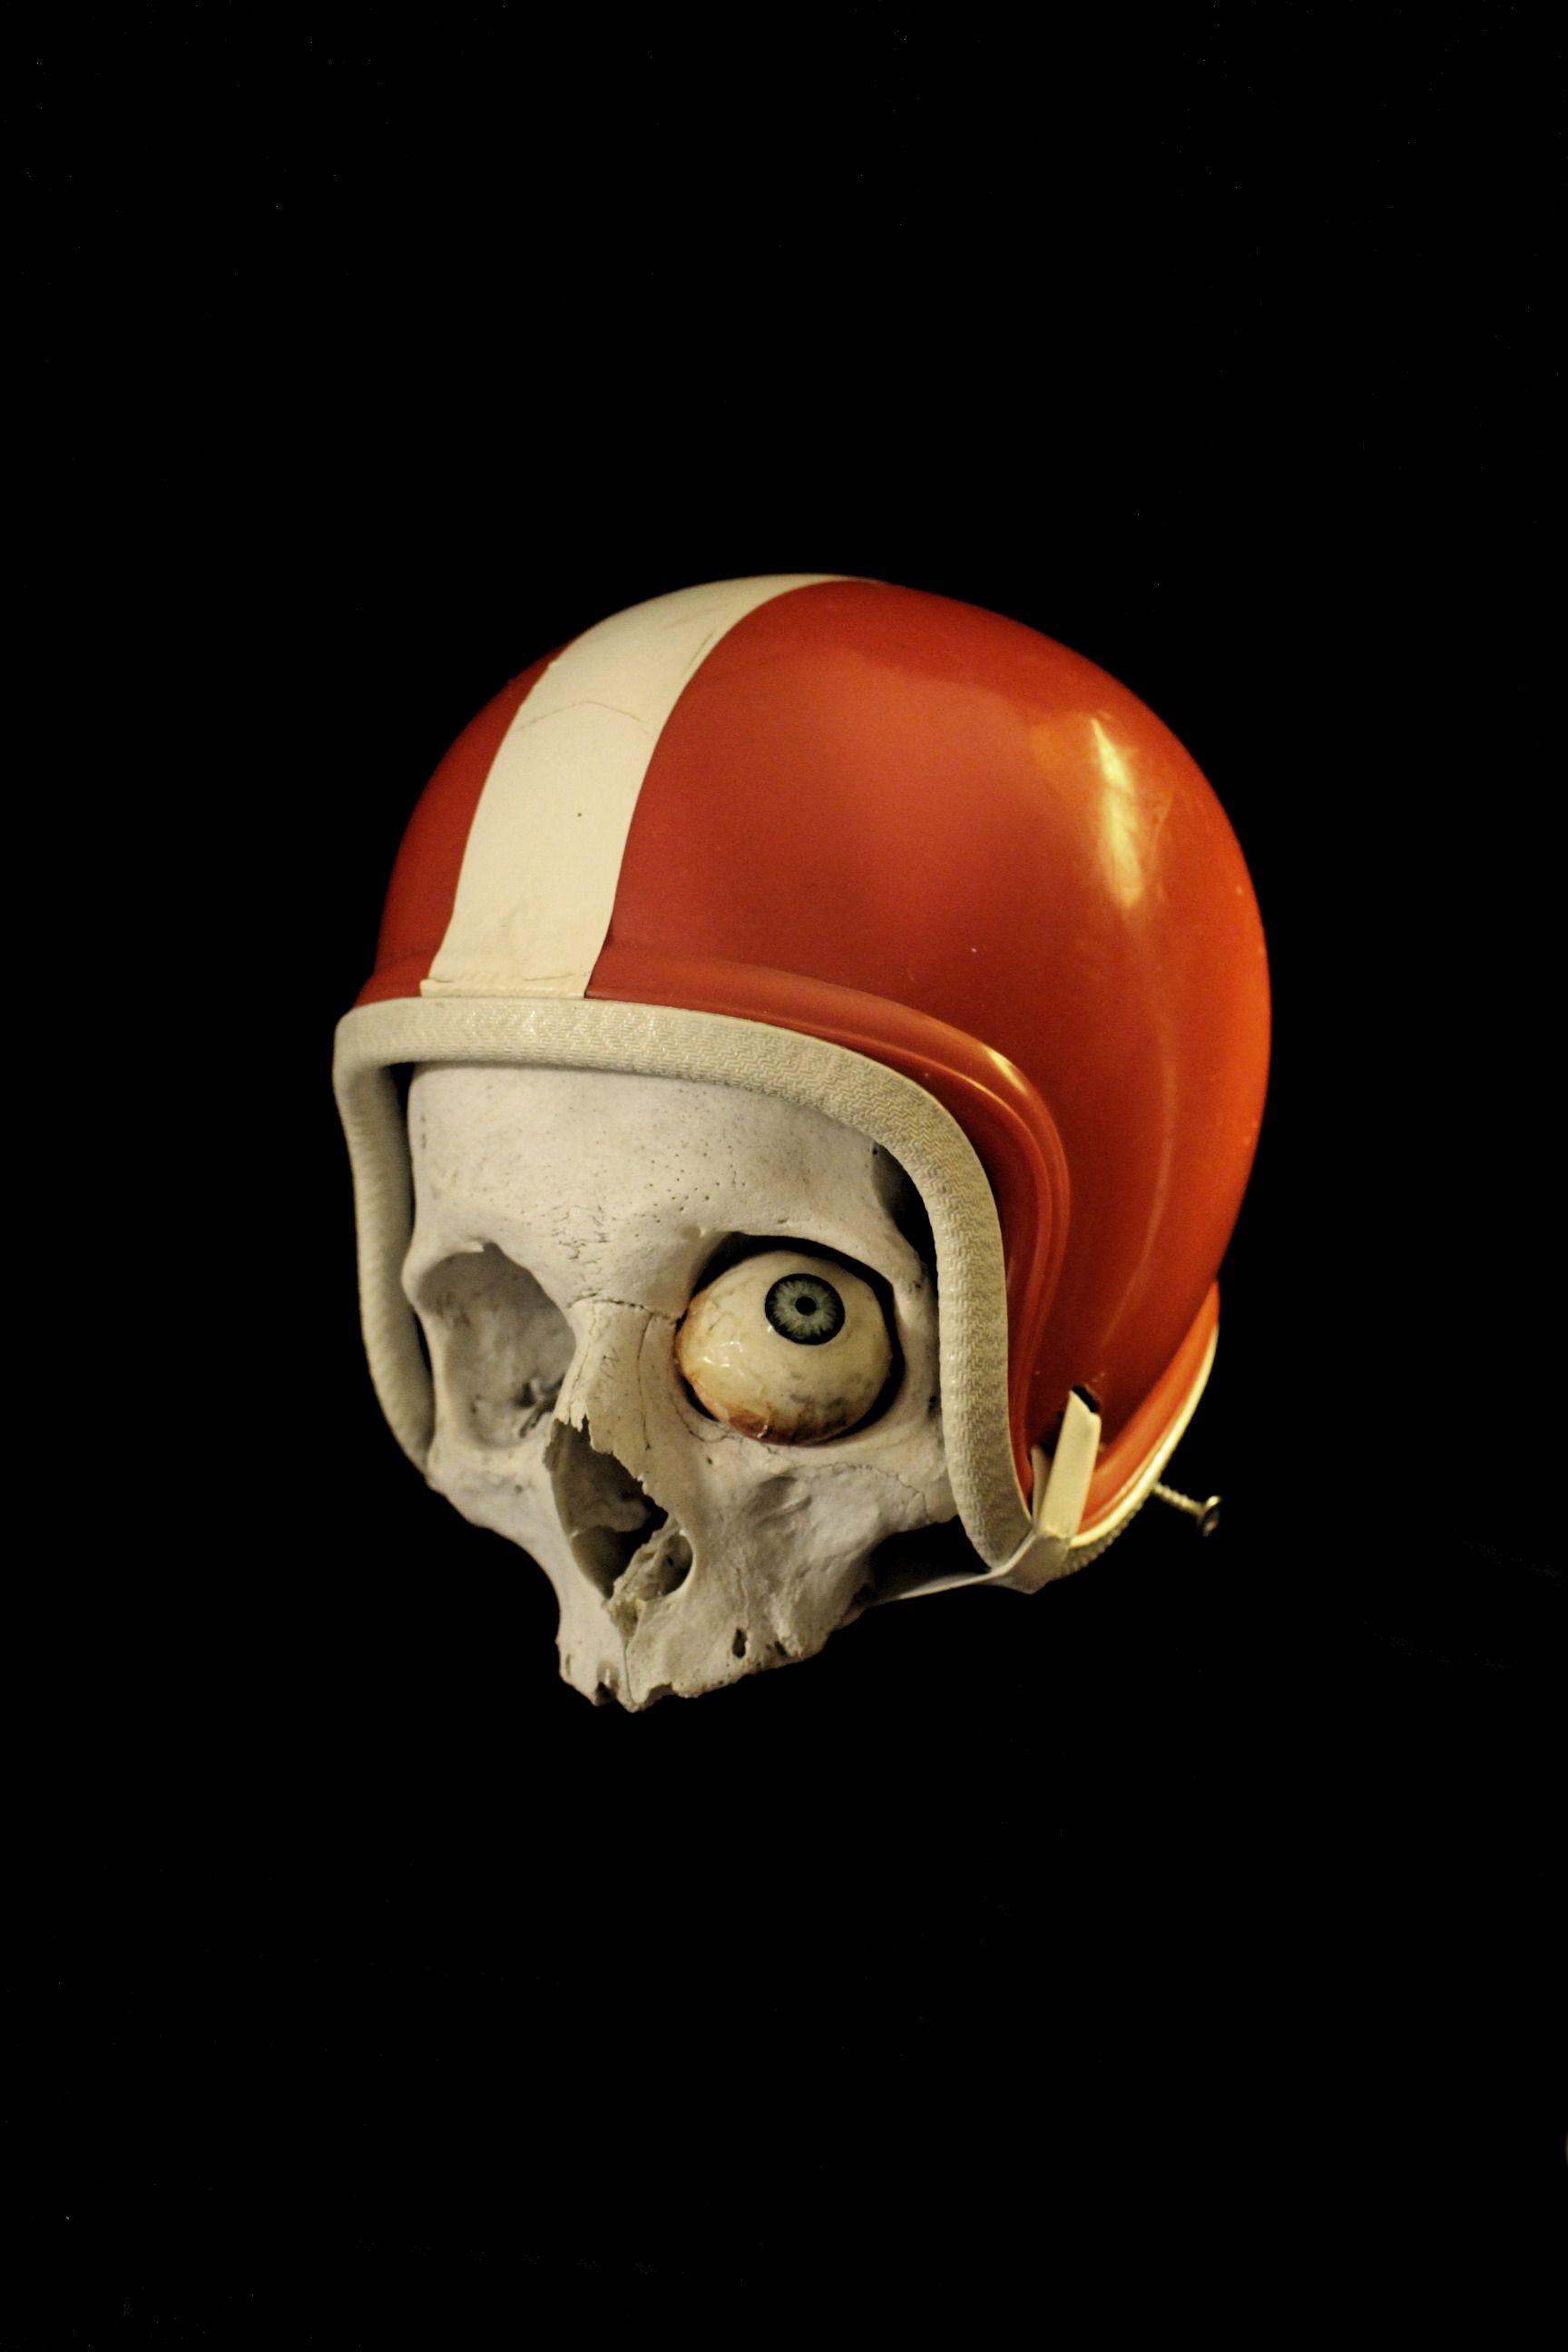 Pin By Alex Molina On Cranes Skull Painting Skull Art Skull Reference